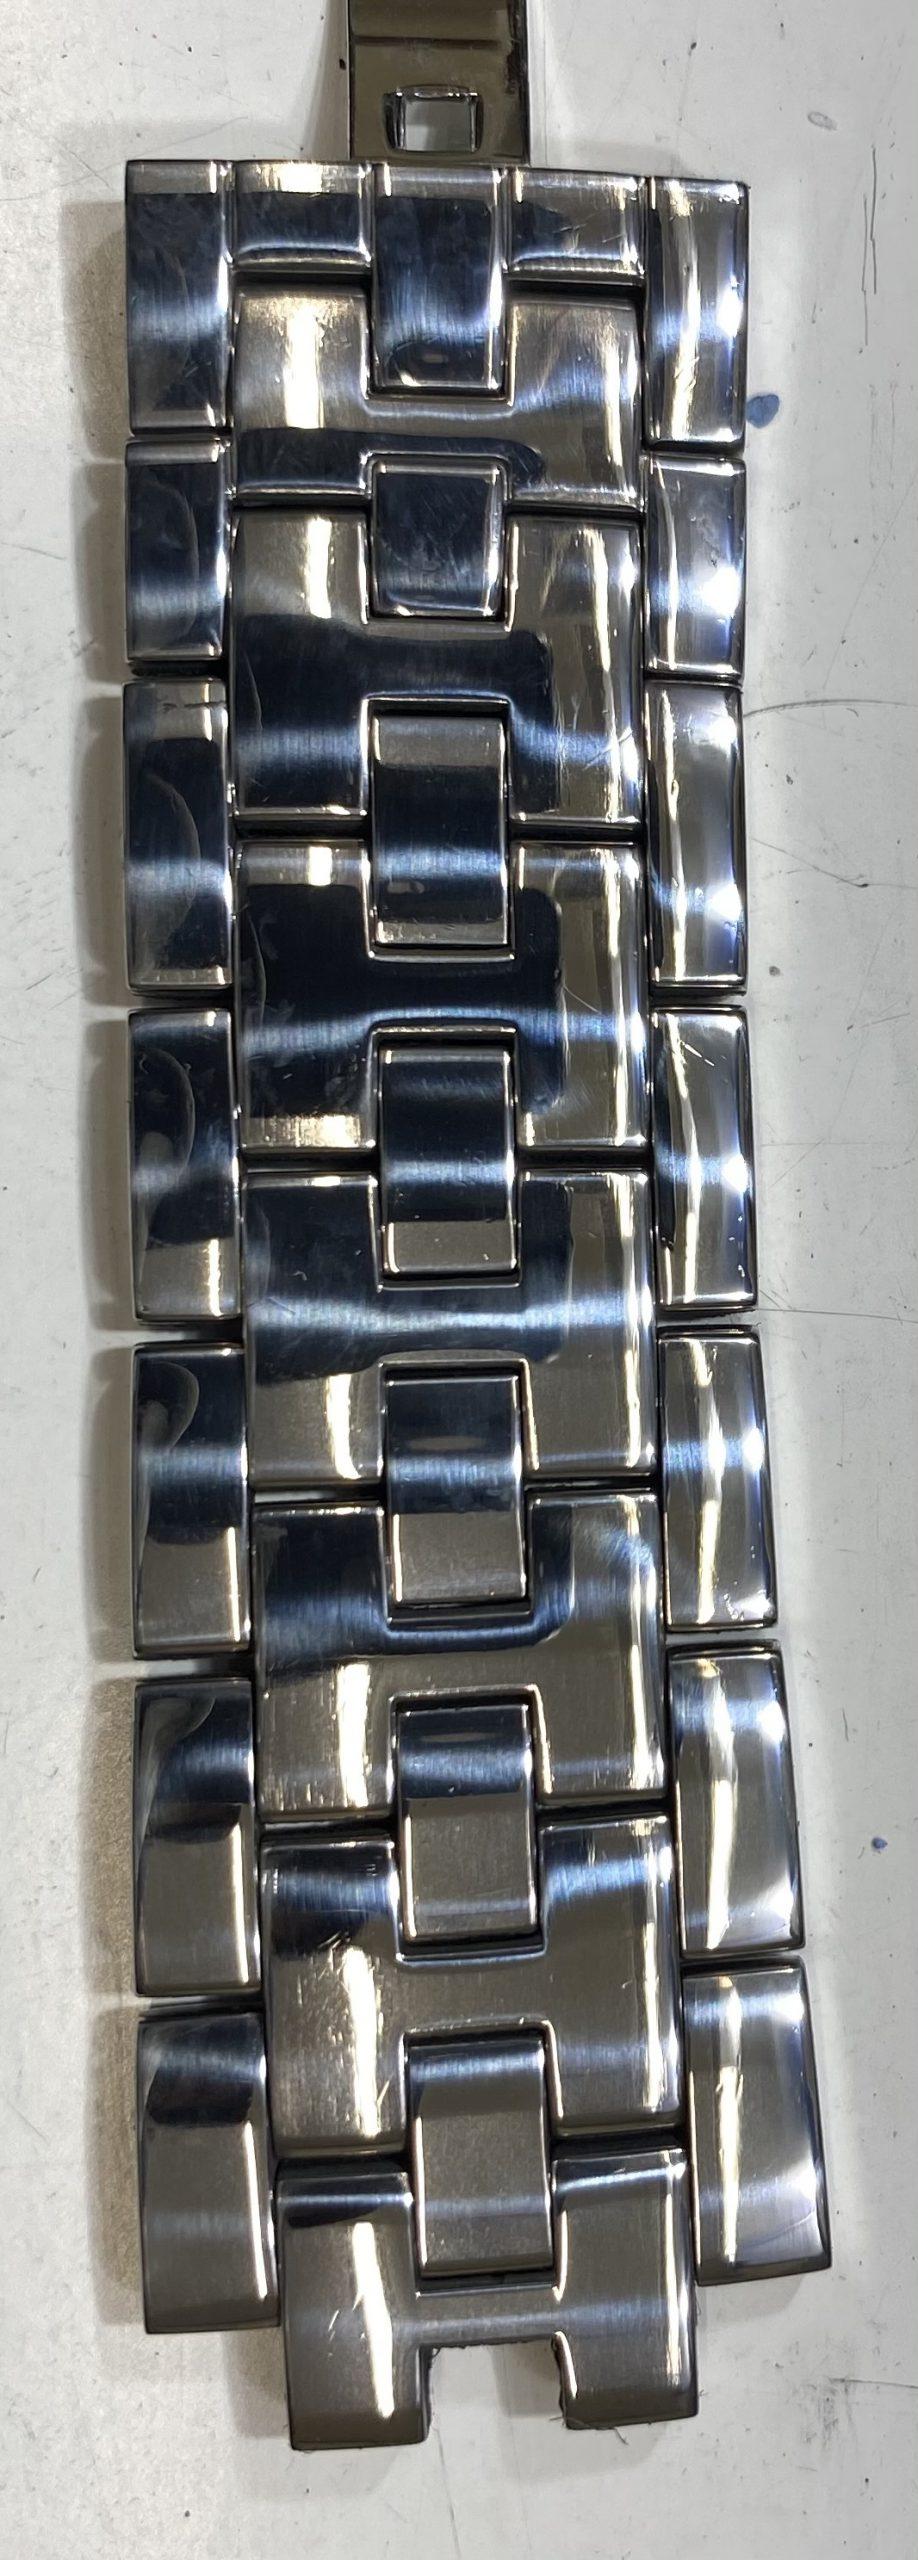 新潟市にあるブローチ時計修理工房ではオーバーホール(分解掃除)ポリッシュ加工(外装磨き)を承っております。